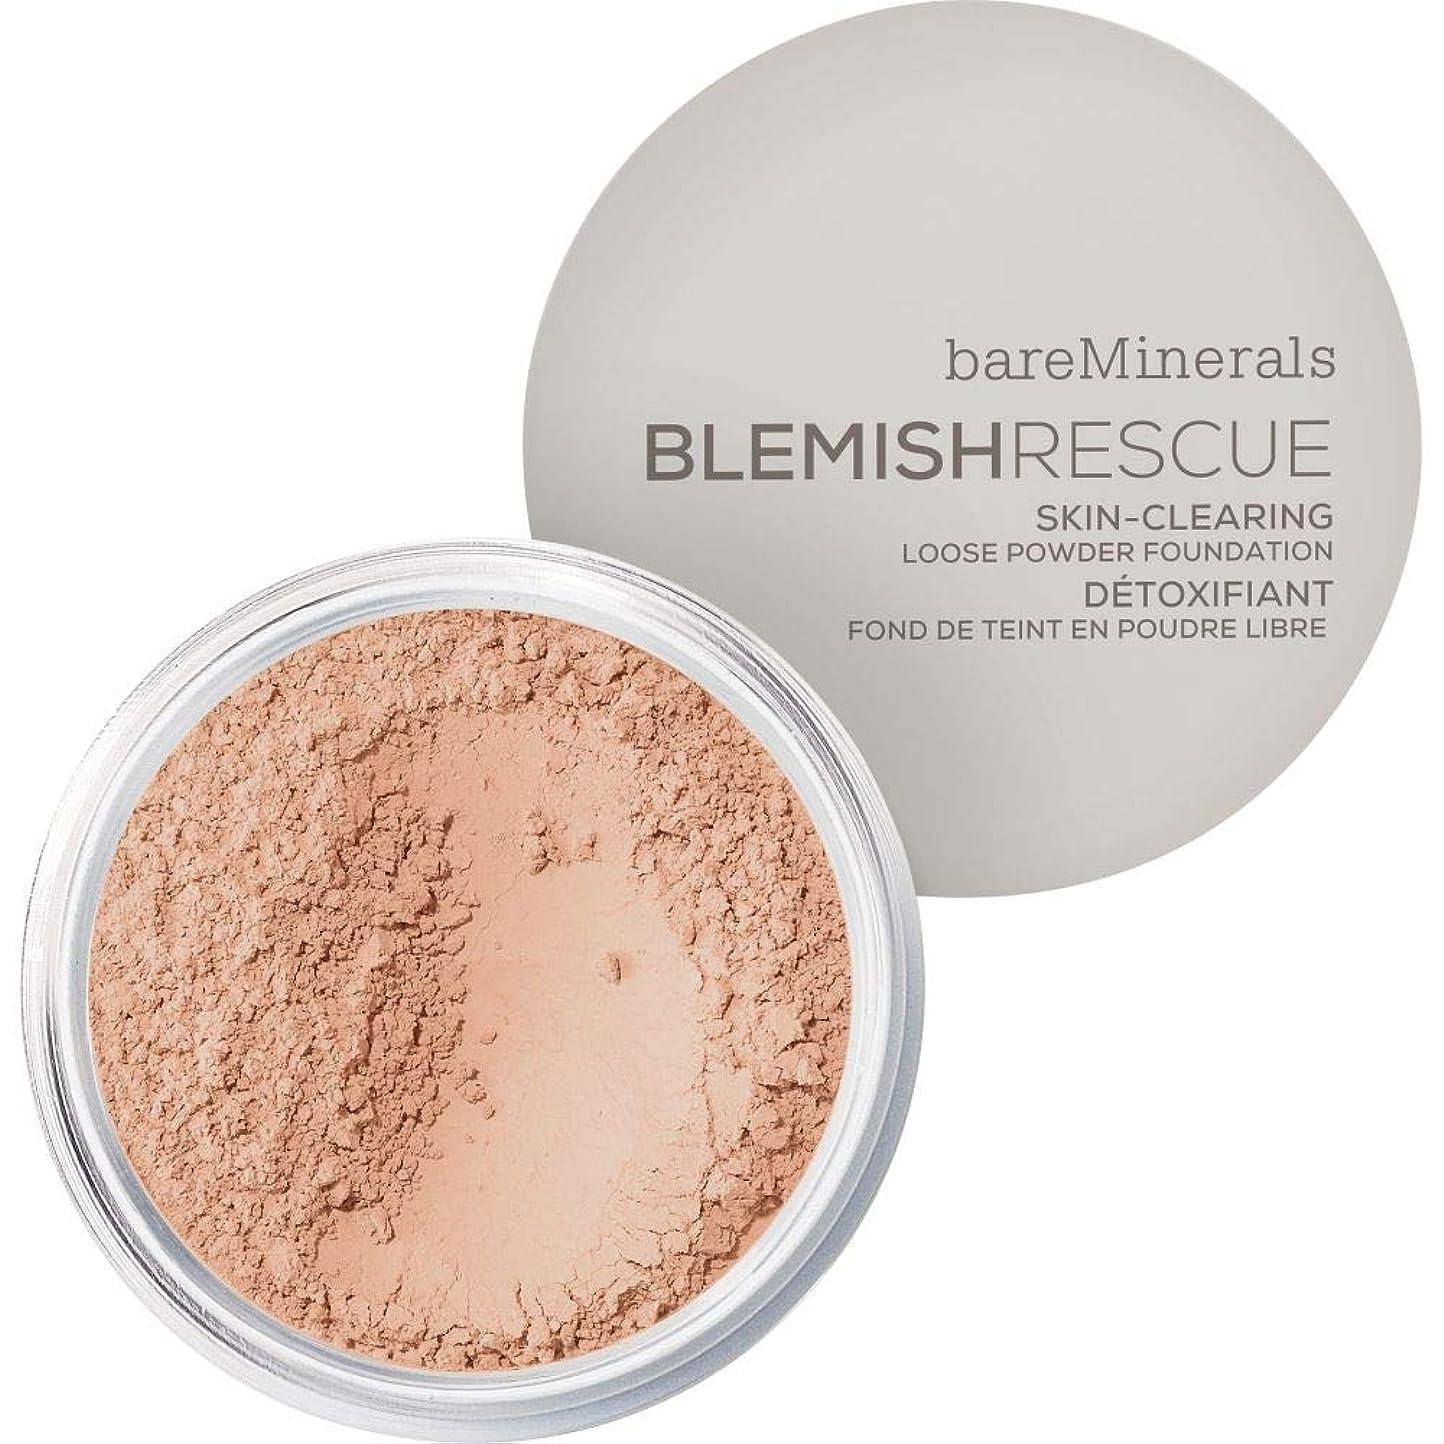 照らすワーディアンケースシャックル[bareMinerals ] メディア - ベアミネラルは、レスキュースキンクリア緩いパウダーファンデーションの6グラム3Cは傷 - bareMinerals Blemish Rescue Skin-Clearing Loose Powder Foundation 6g 3C - Medium [並行輸入品]